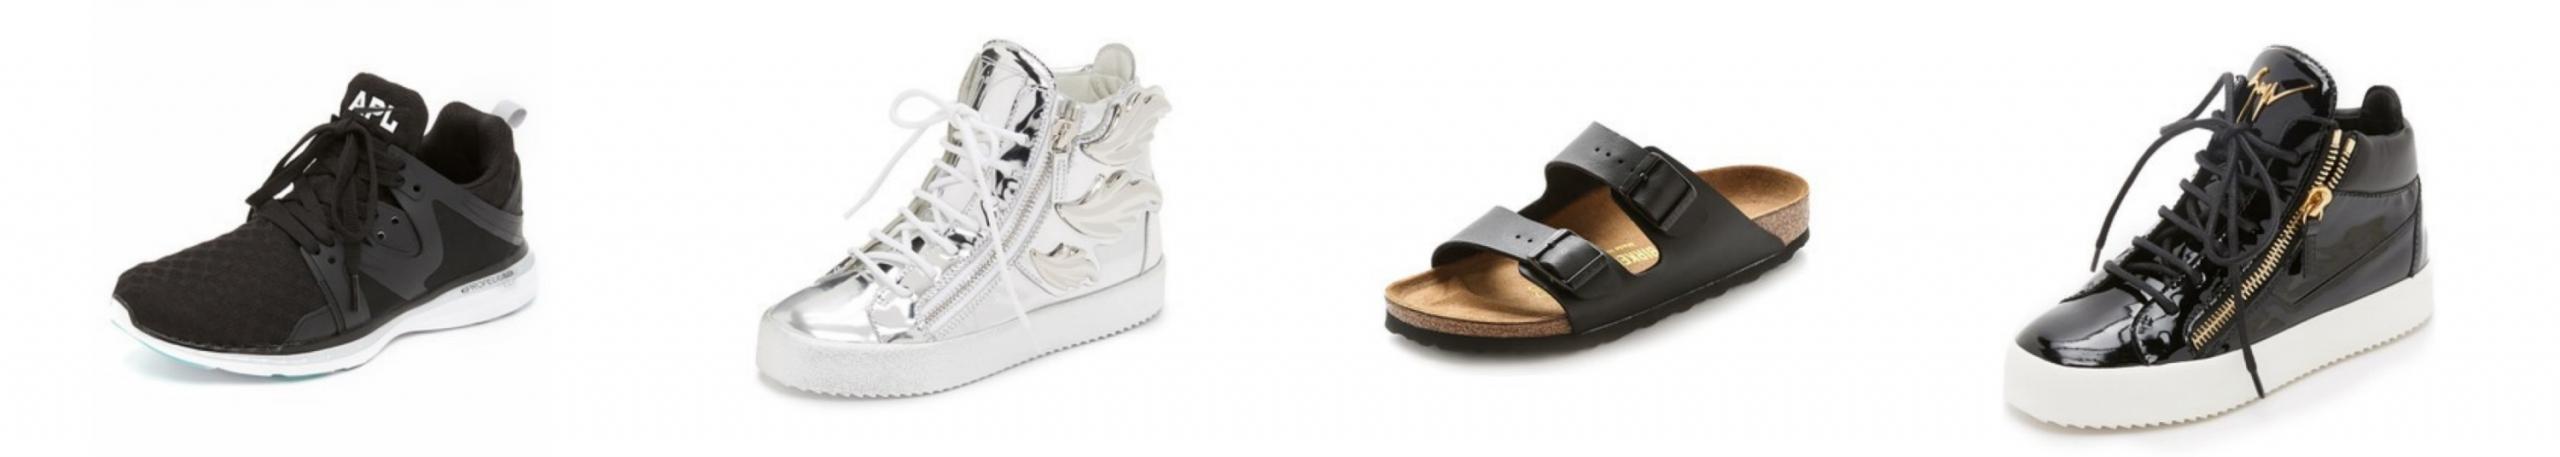 shoeflats1